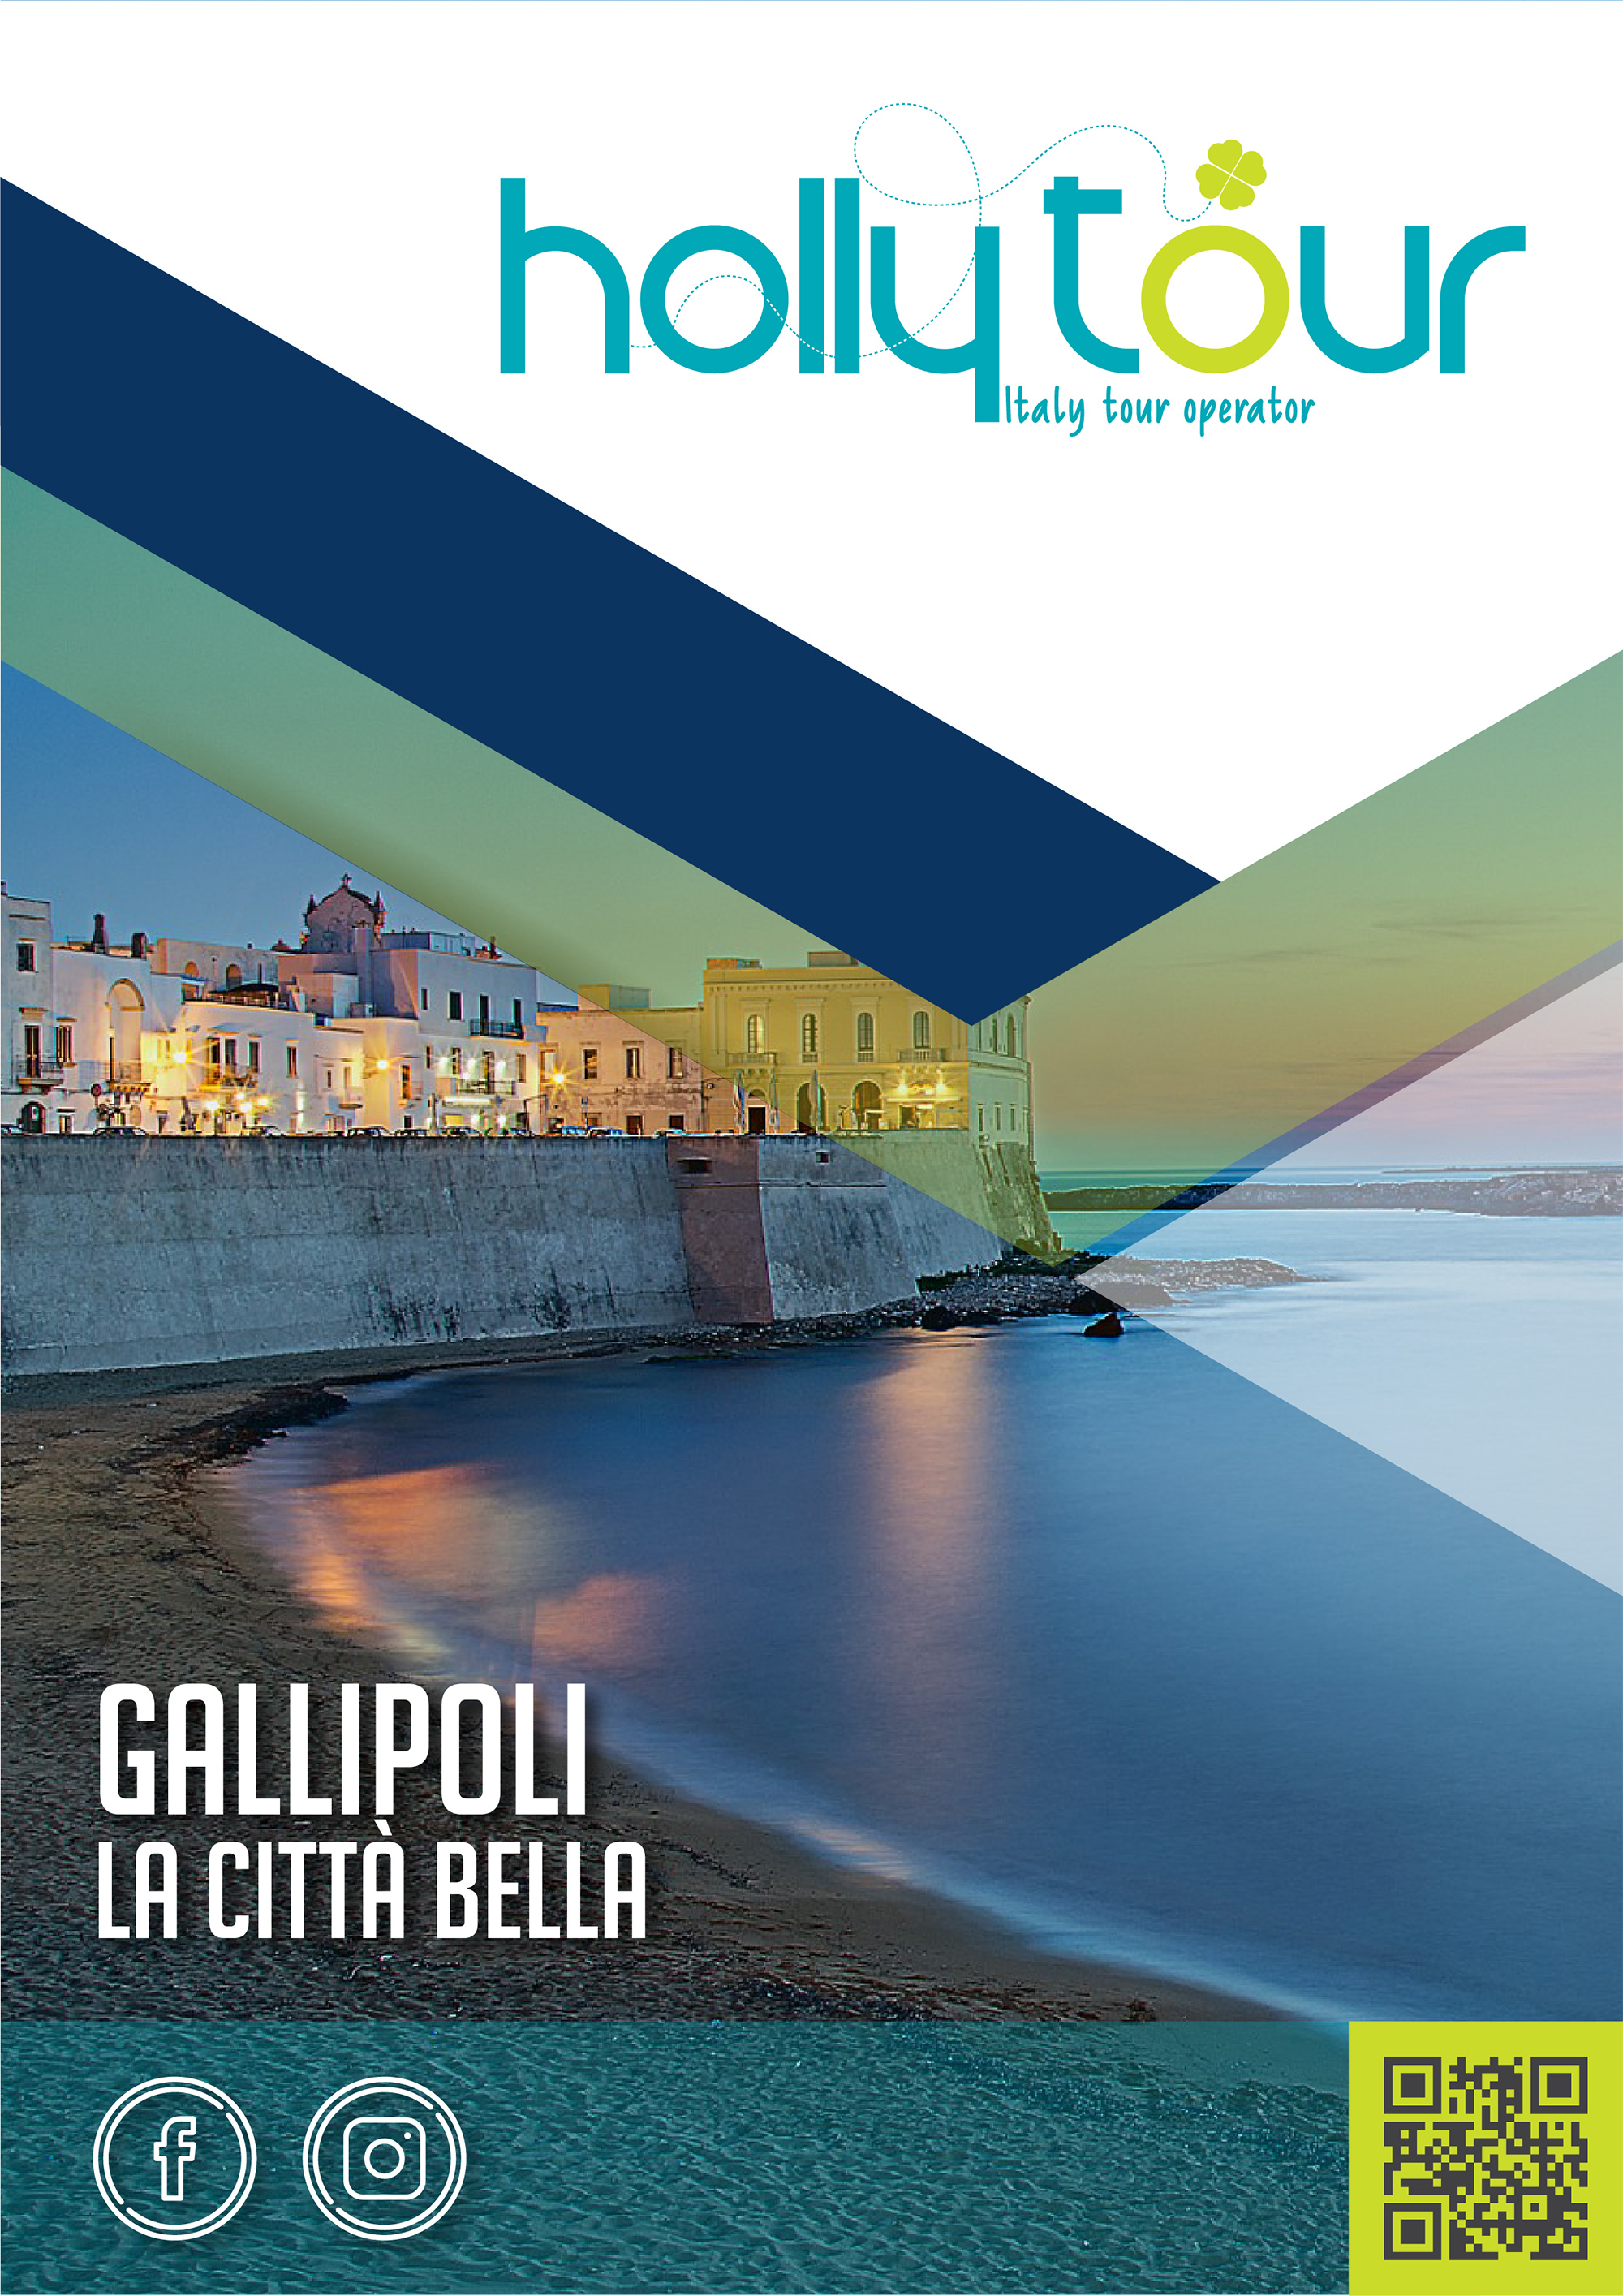 GALLIPOLI, LA CITTÀ BELLA